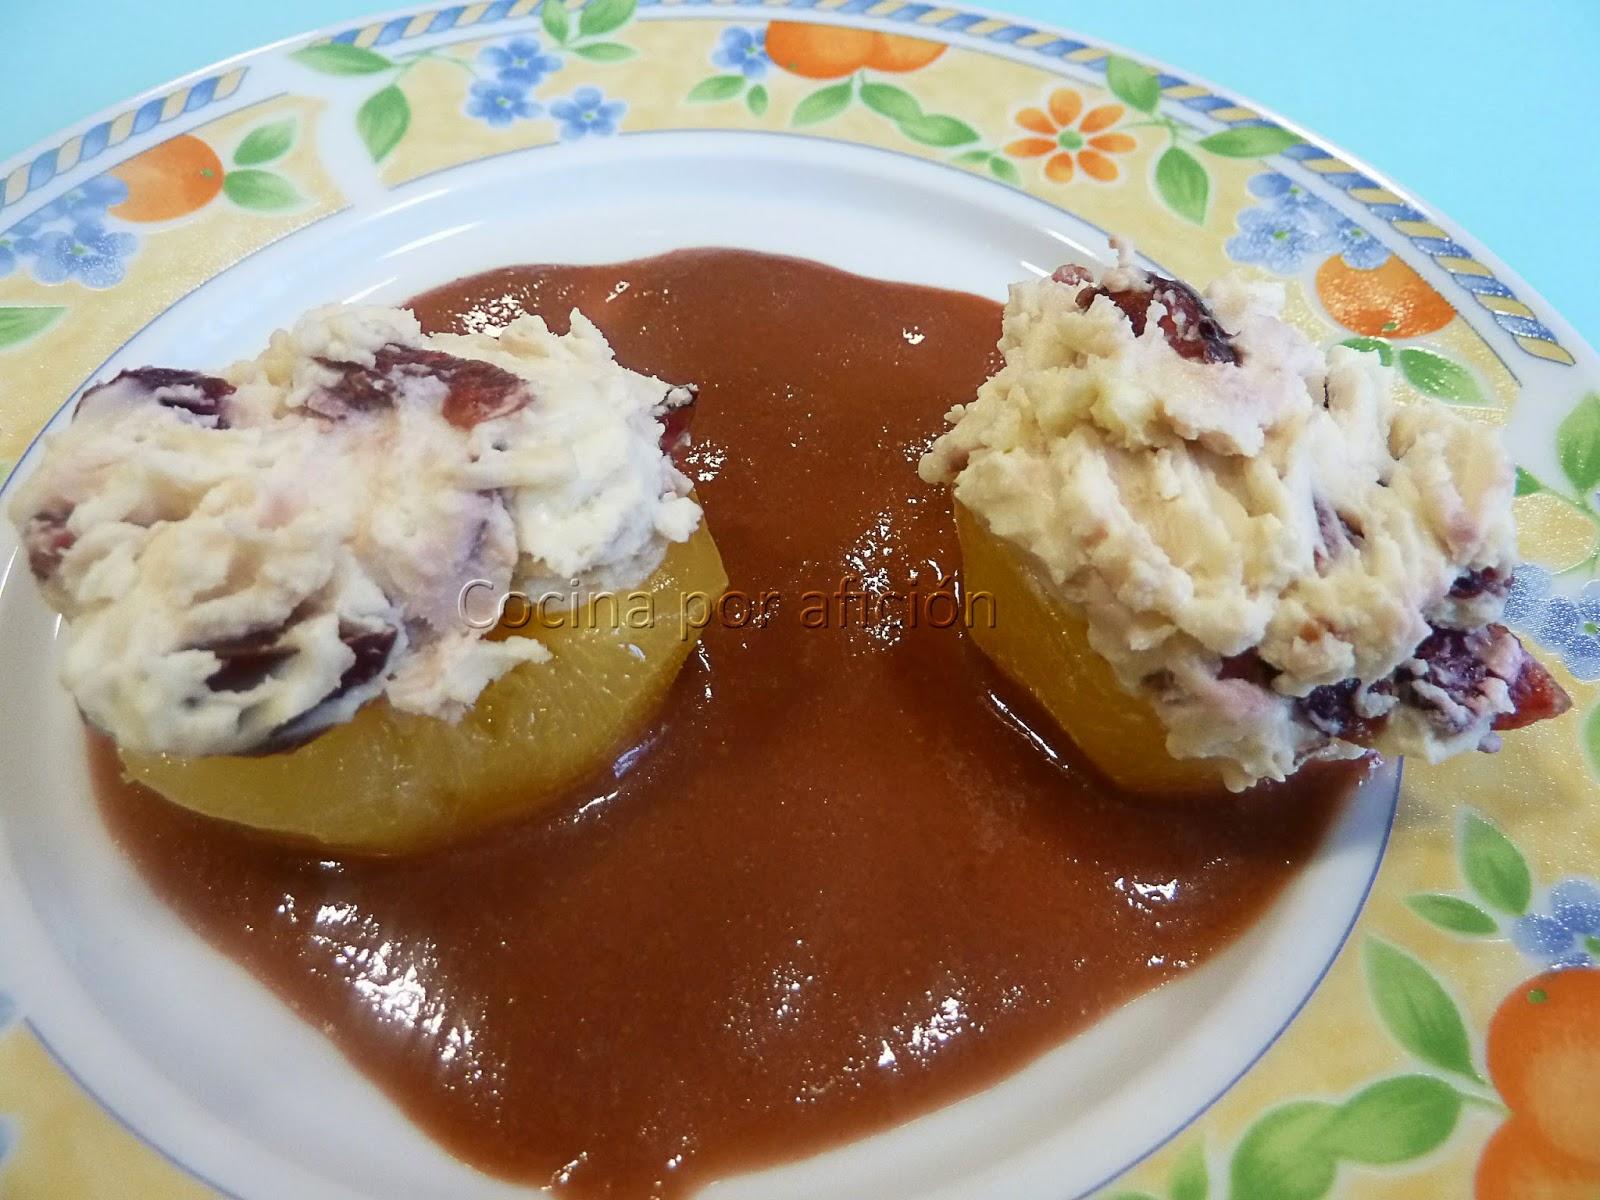 albaricoques, mascarpone,cerezas